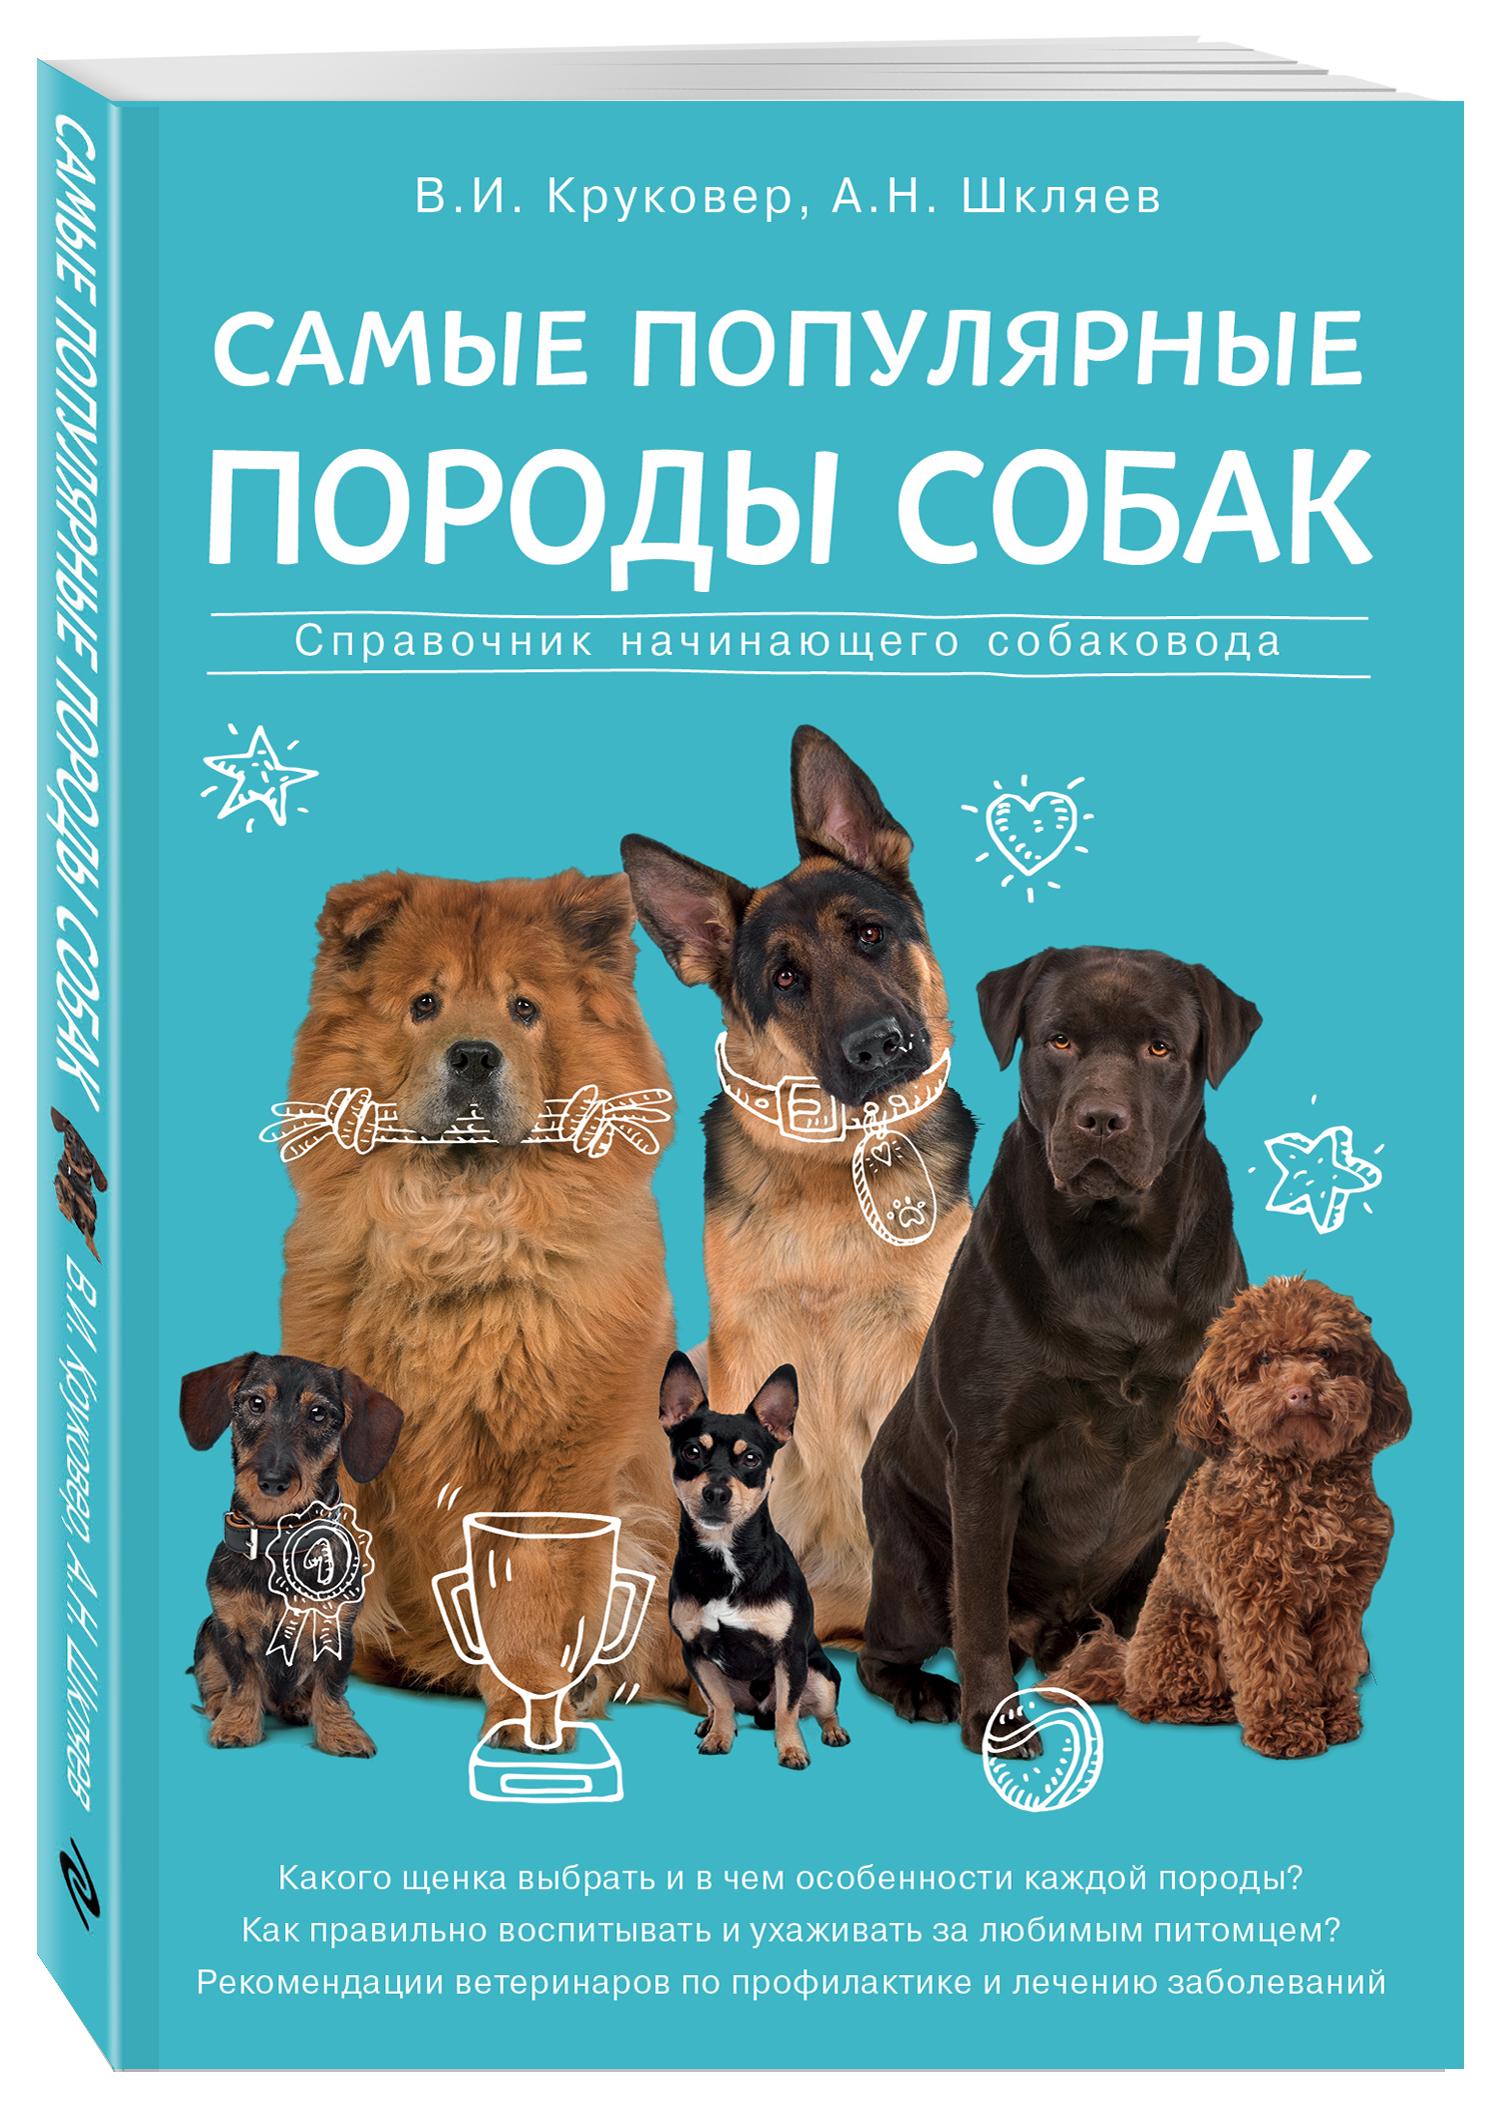 Круковер В.И., Шкляев А.Н. Самые популярные породы собак книги эксмо самые популярные породы собак